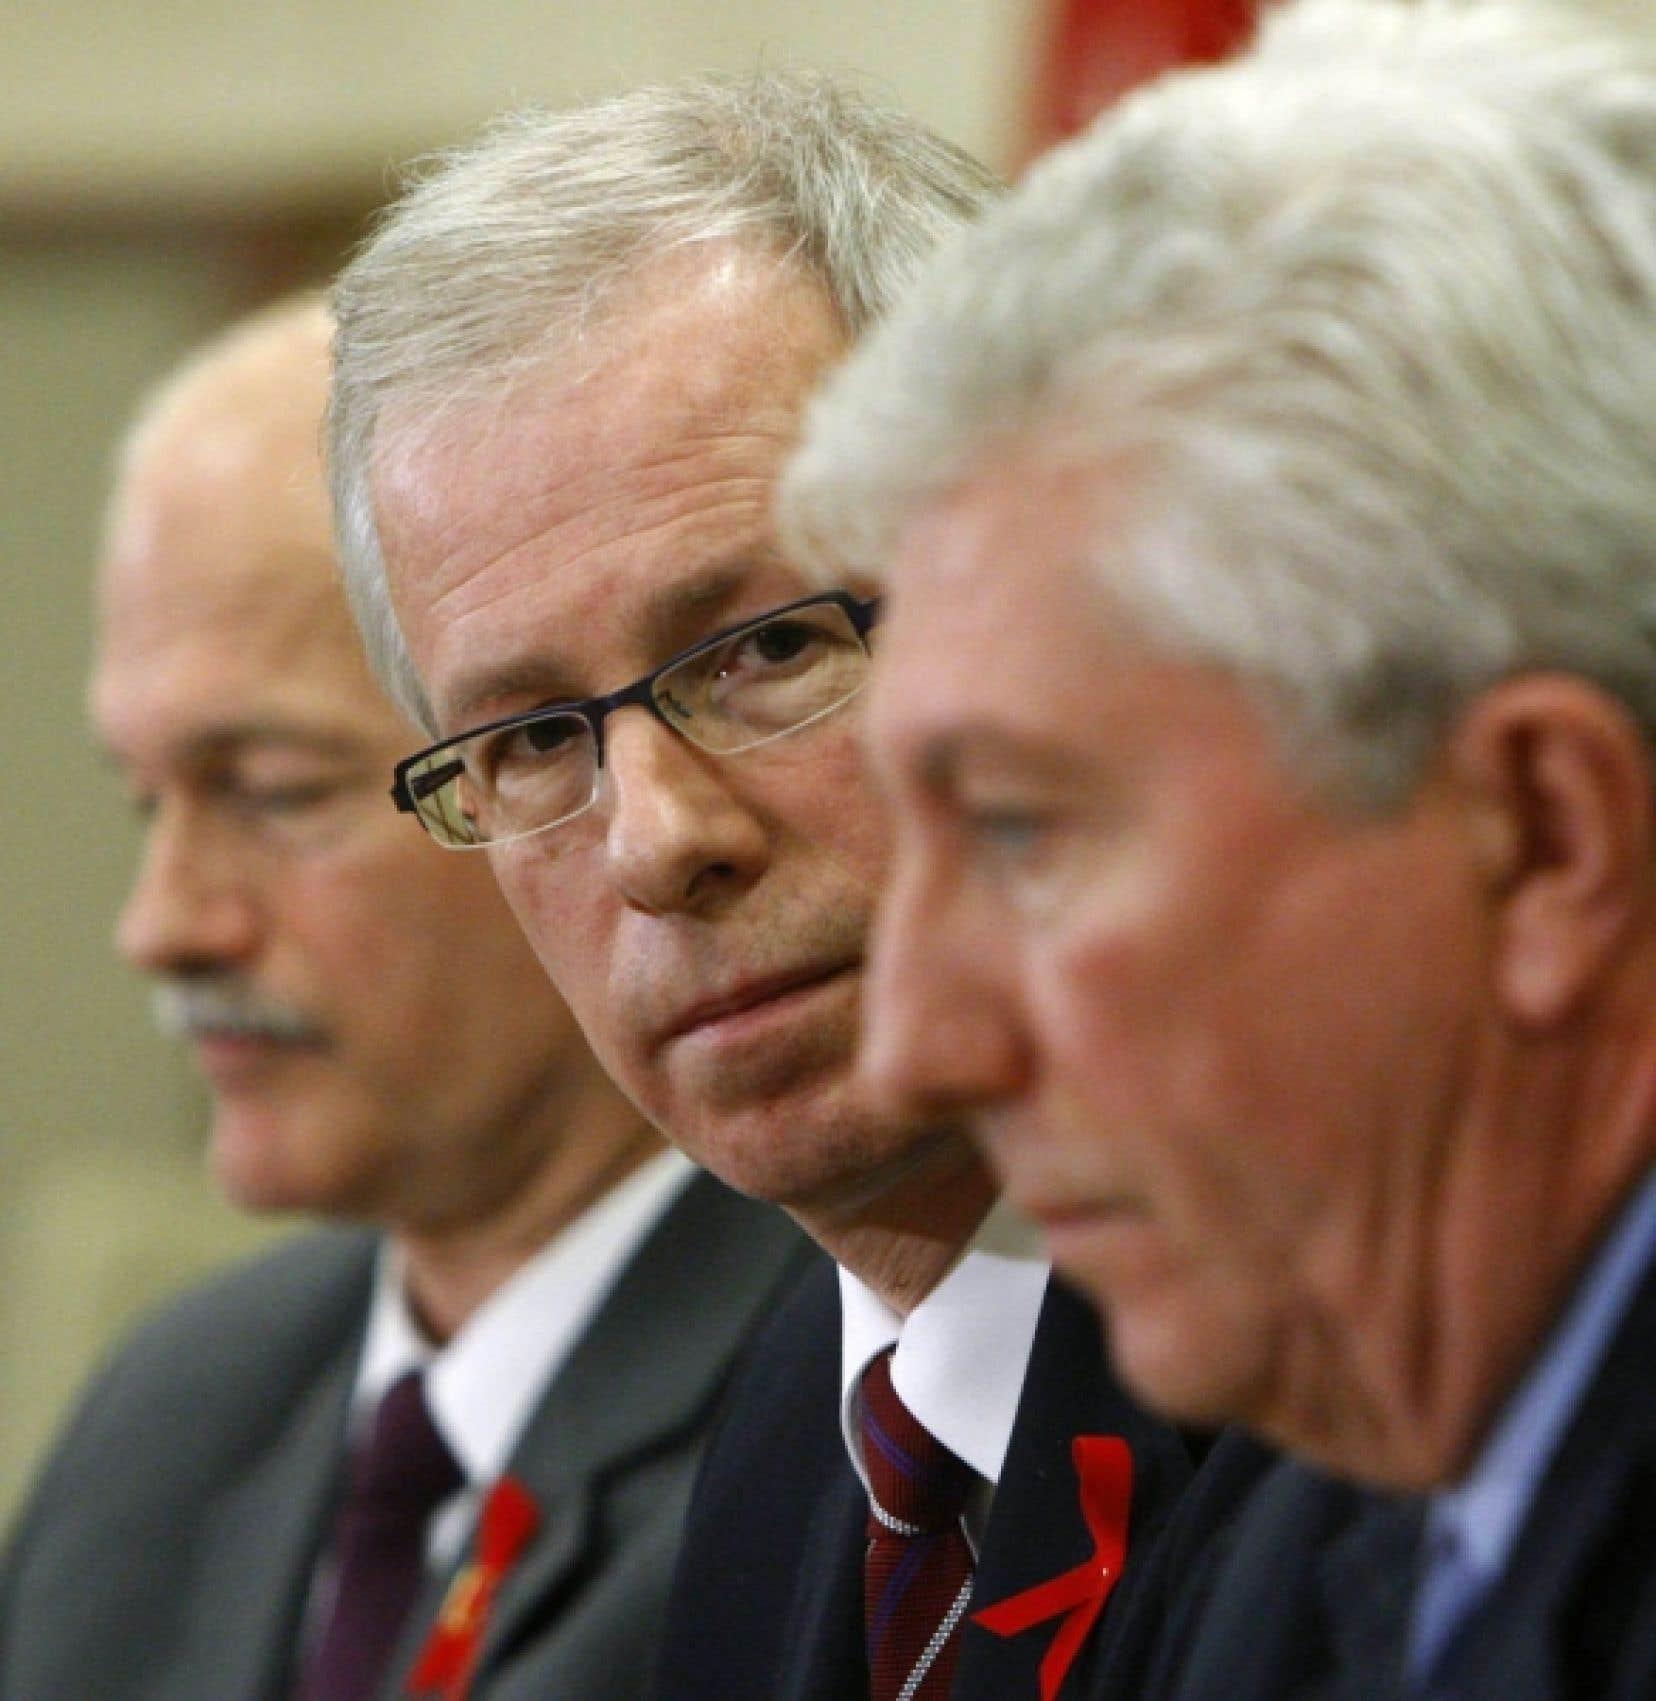 Stéphane Dion entouré de Jack Layton et de Gilles Duceppe pour annoncer la création d'une coalition, le 1er décembre 2008.